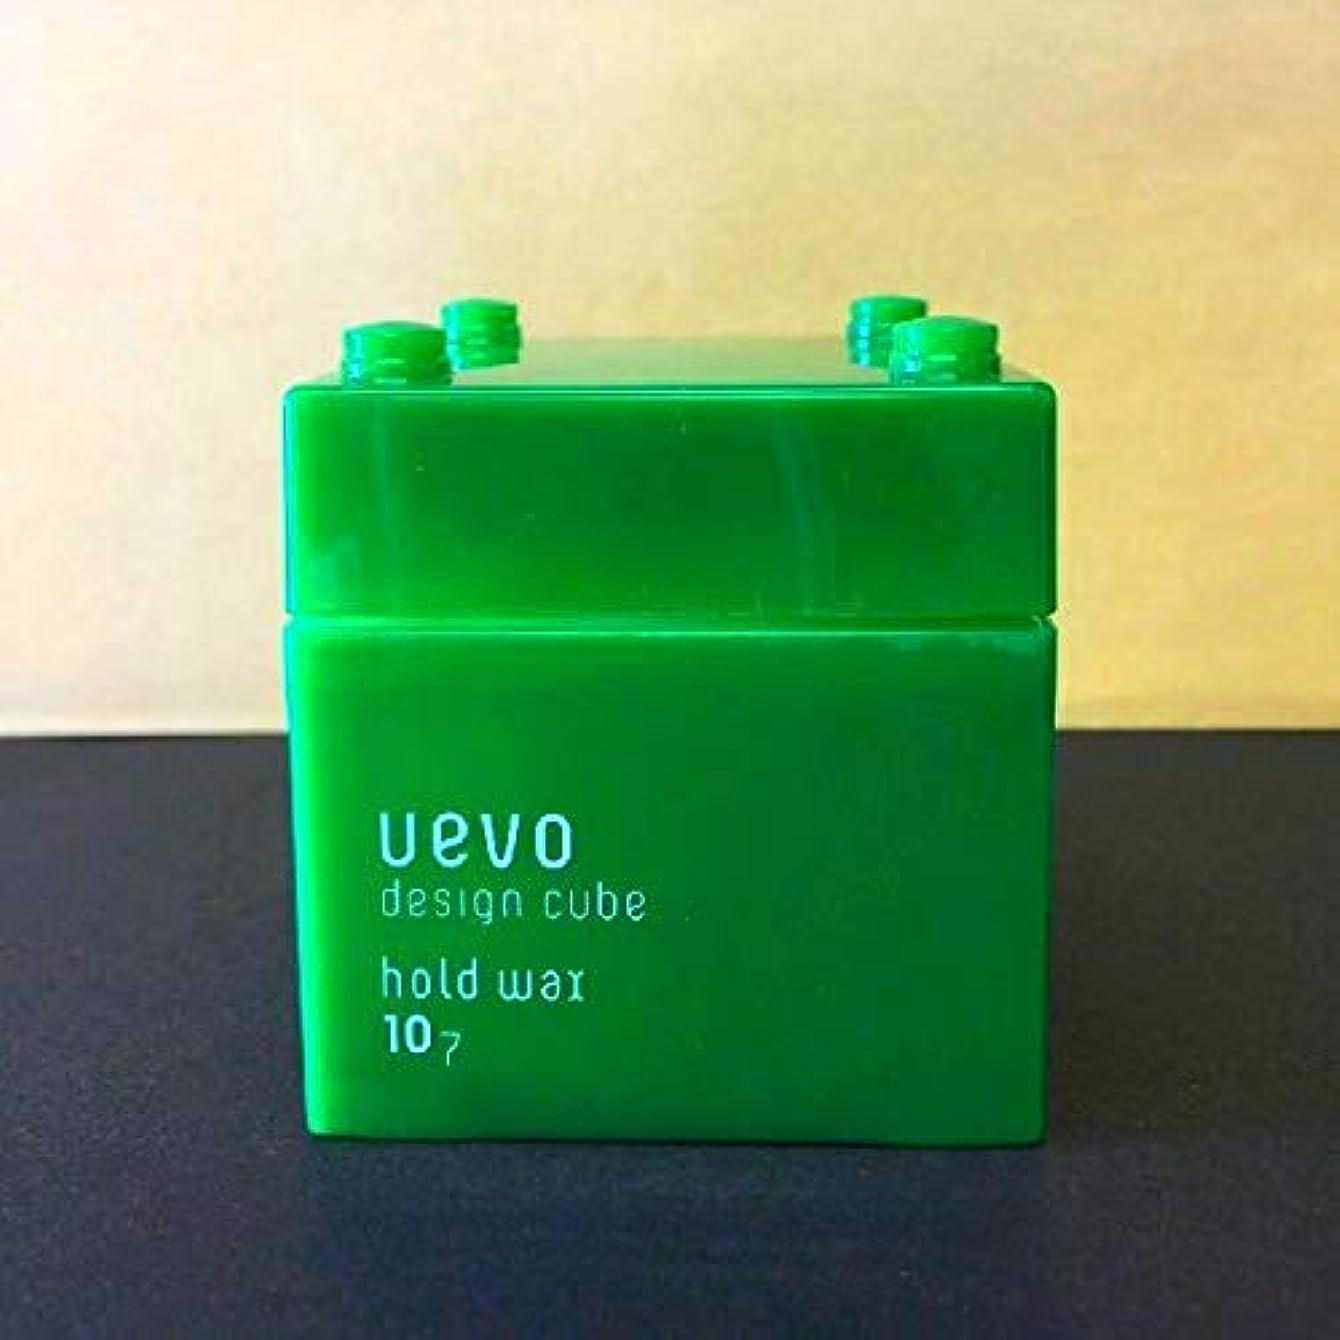 セージ銀リンス【X3個セット】 デミ ウェーボ デザインキューブ ホールドワックス 80g hold wax DEMI uevo design cube